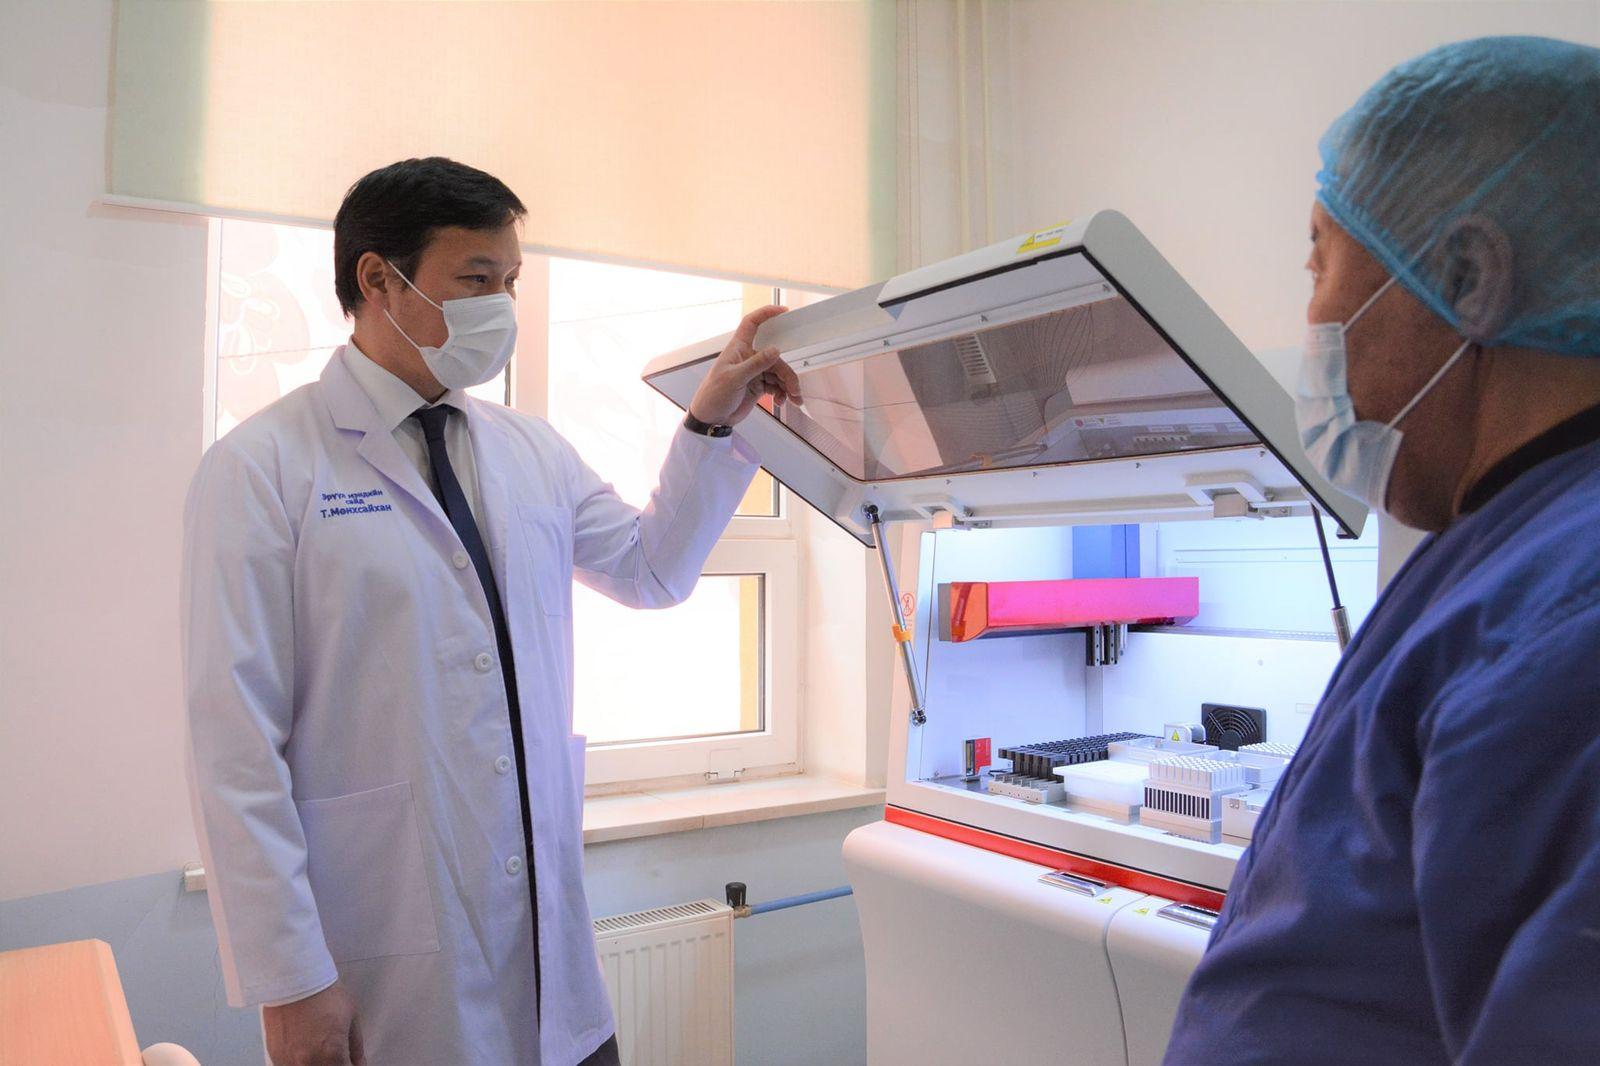 칭겔테이구에 하루 300~1,200명 규모의 PCR 분석 연구소를 설치하여.jpg